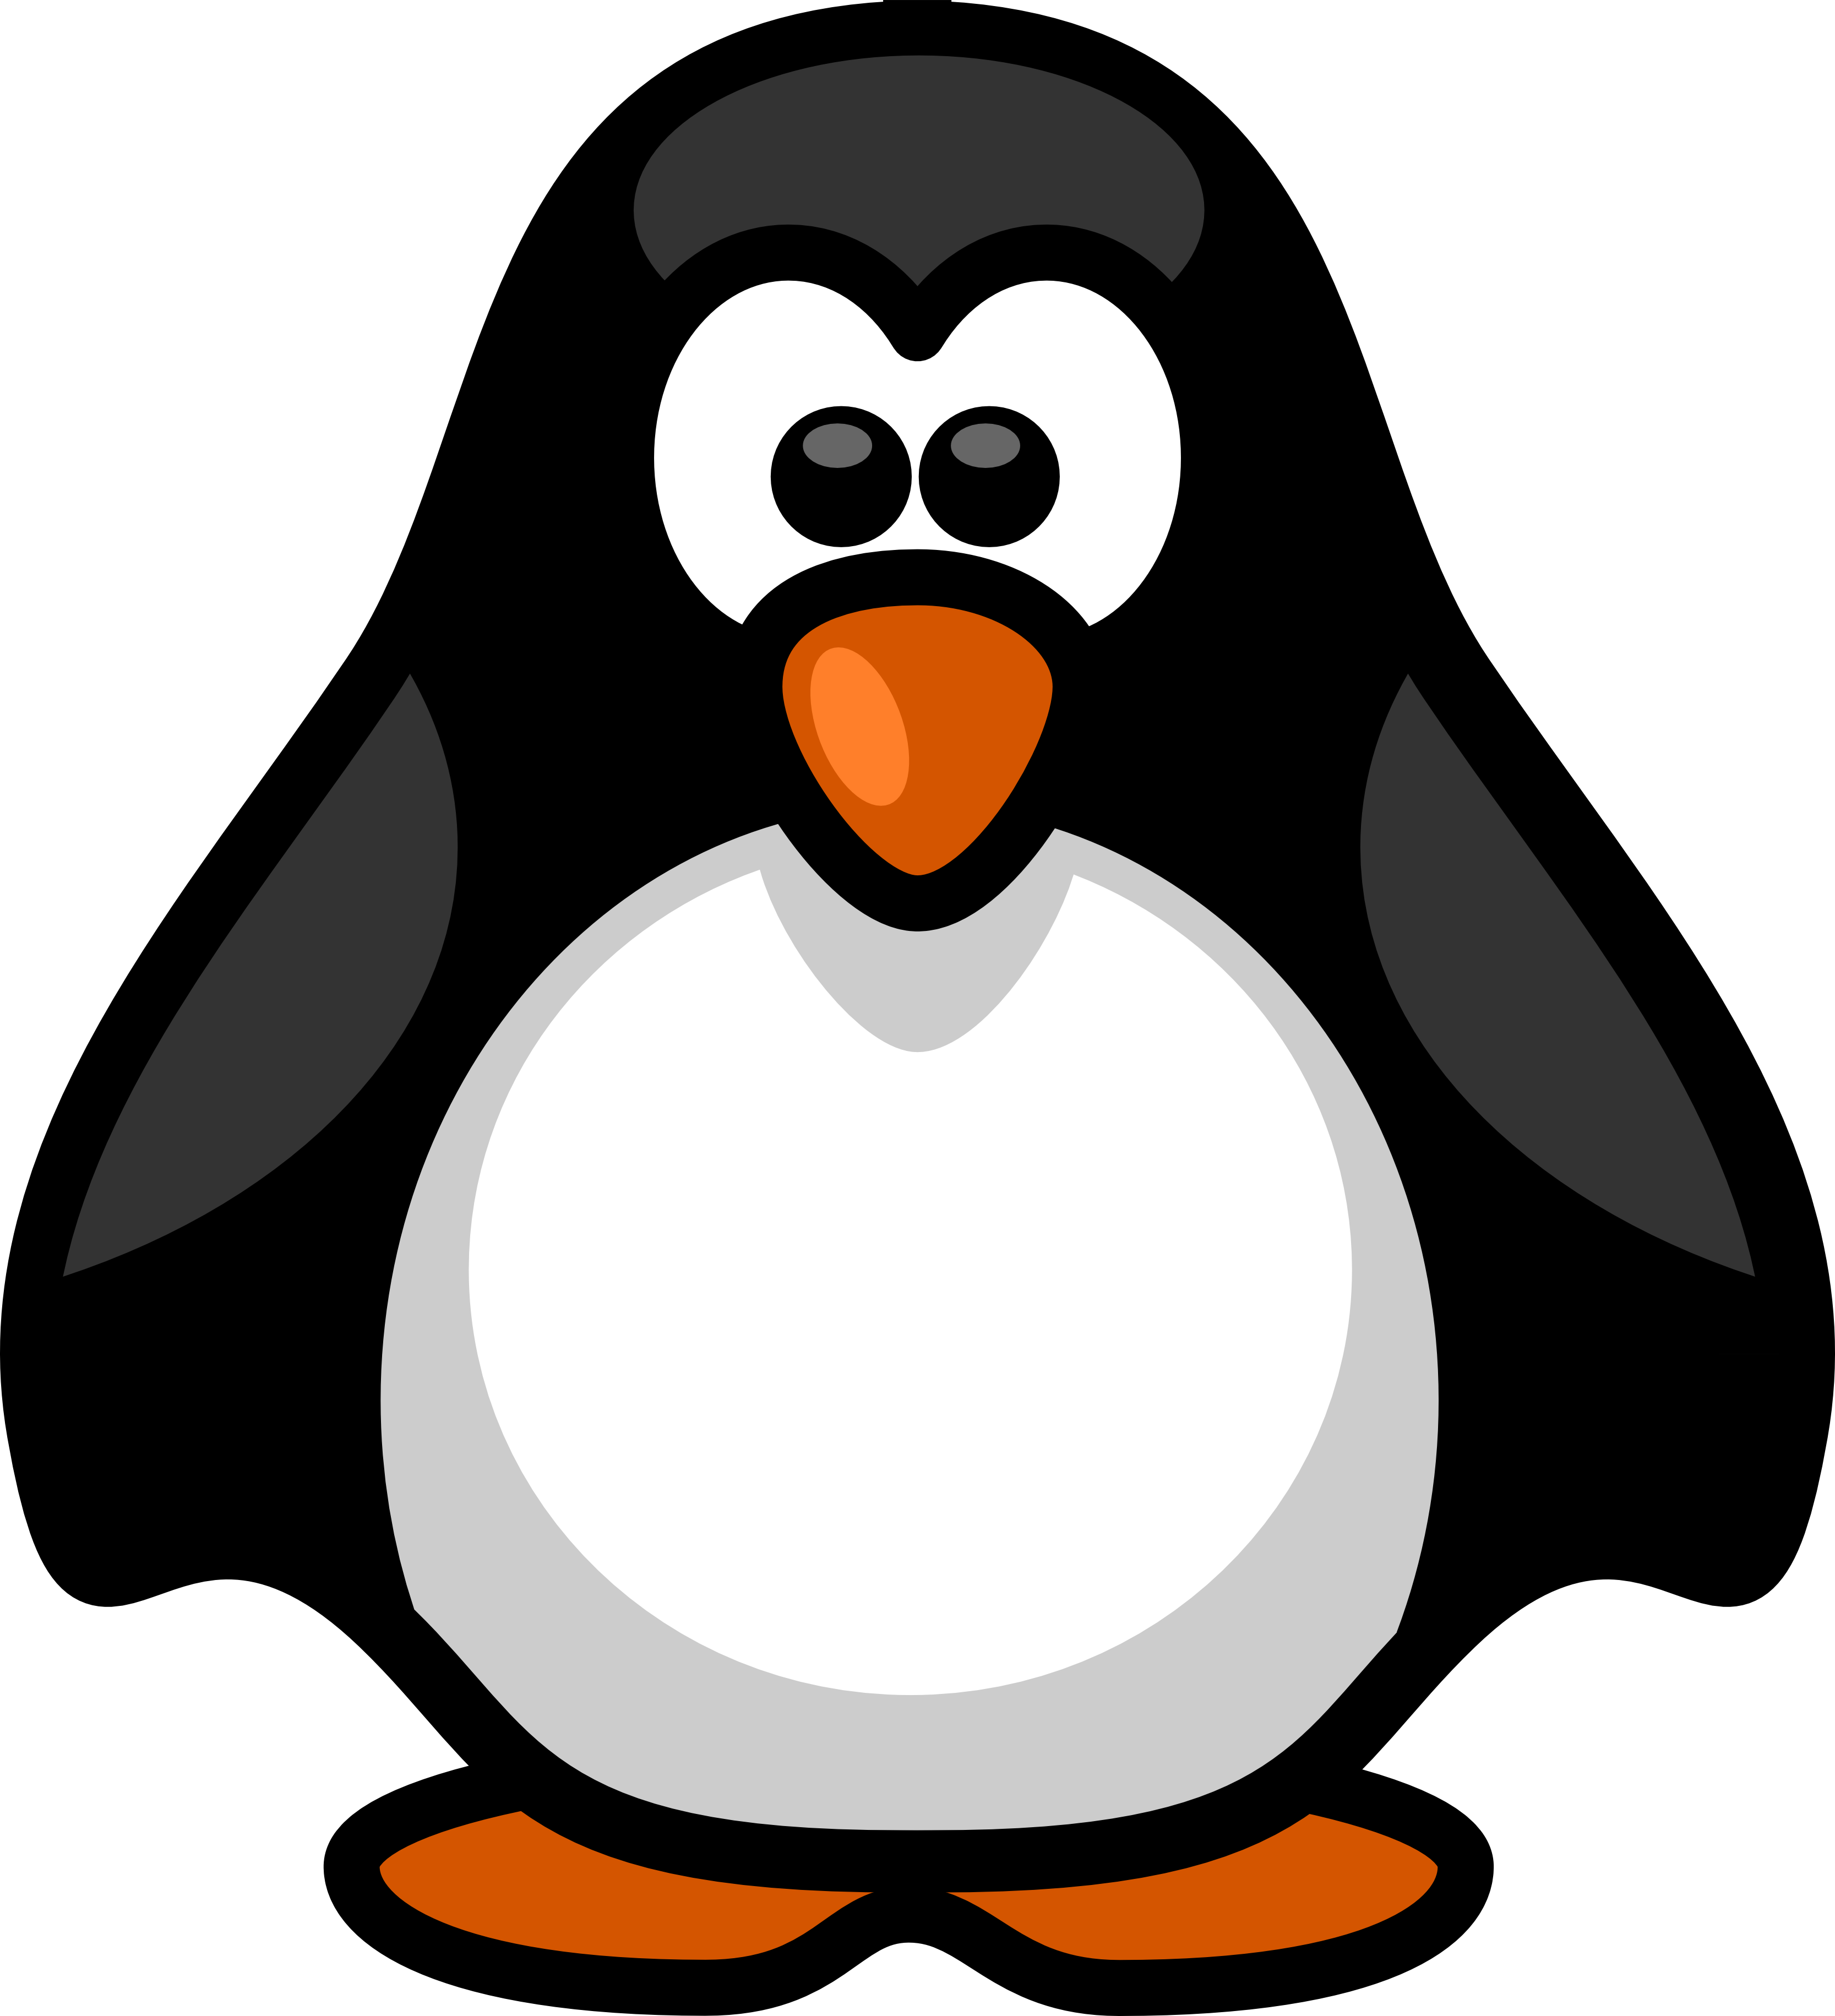 png transparent Penguins clipart. Penguin clip art printable.